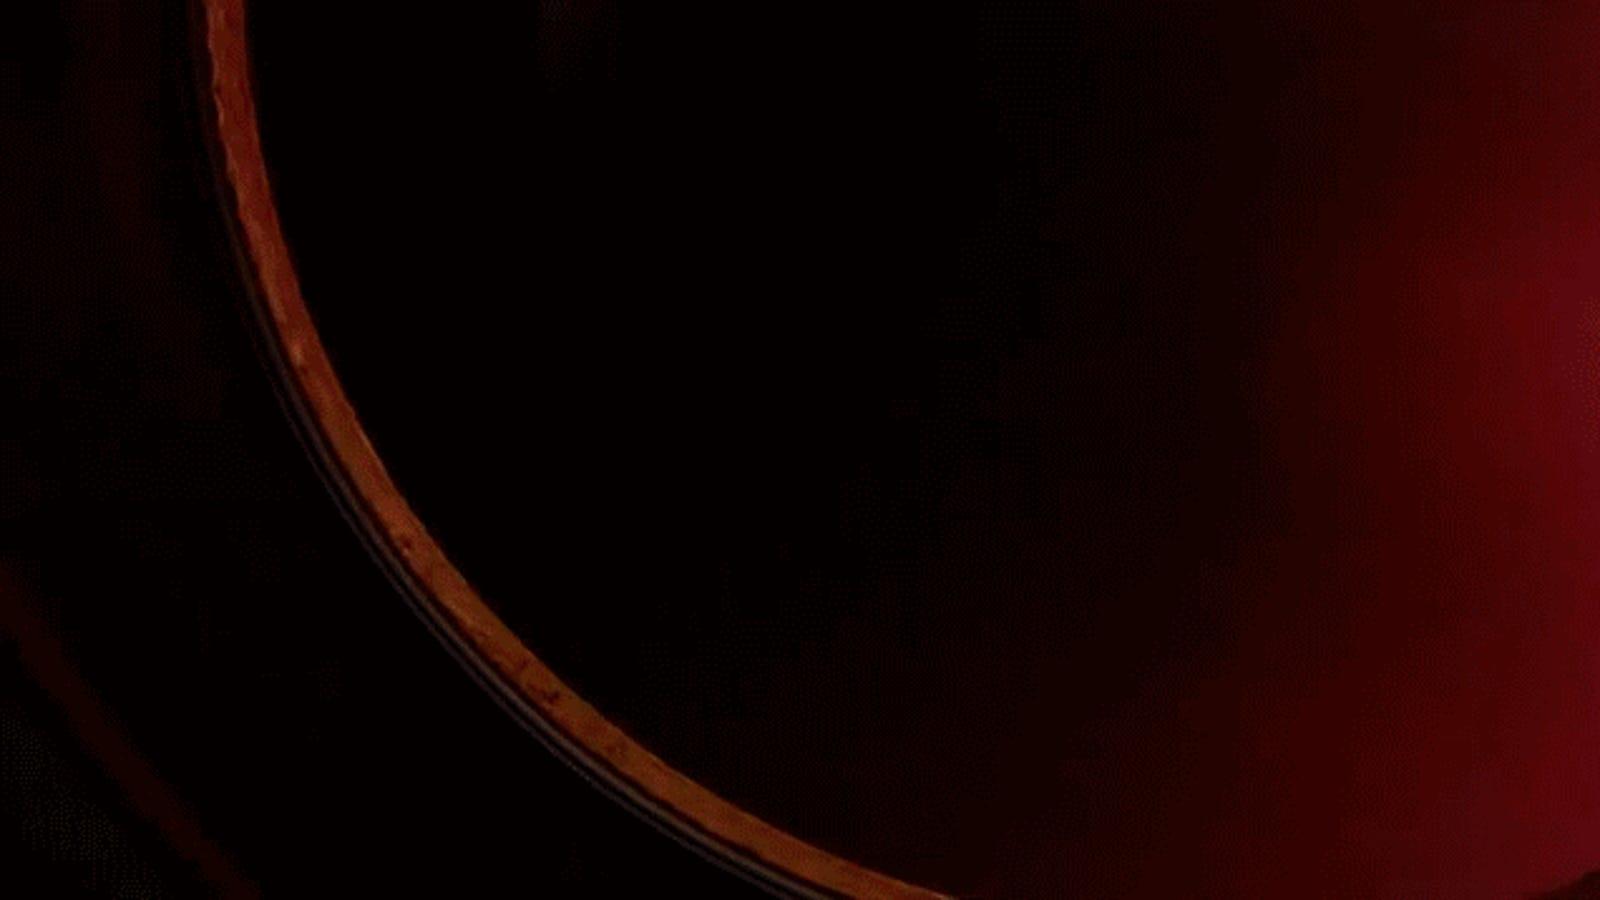 Esto es lo que ven los astronautas en la Soyuz al regresar a la Tierra